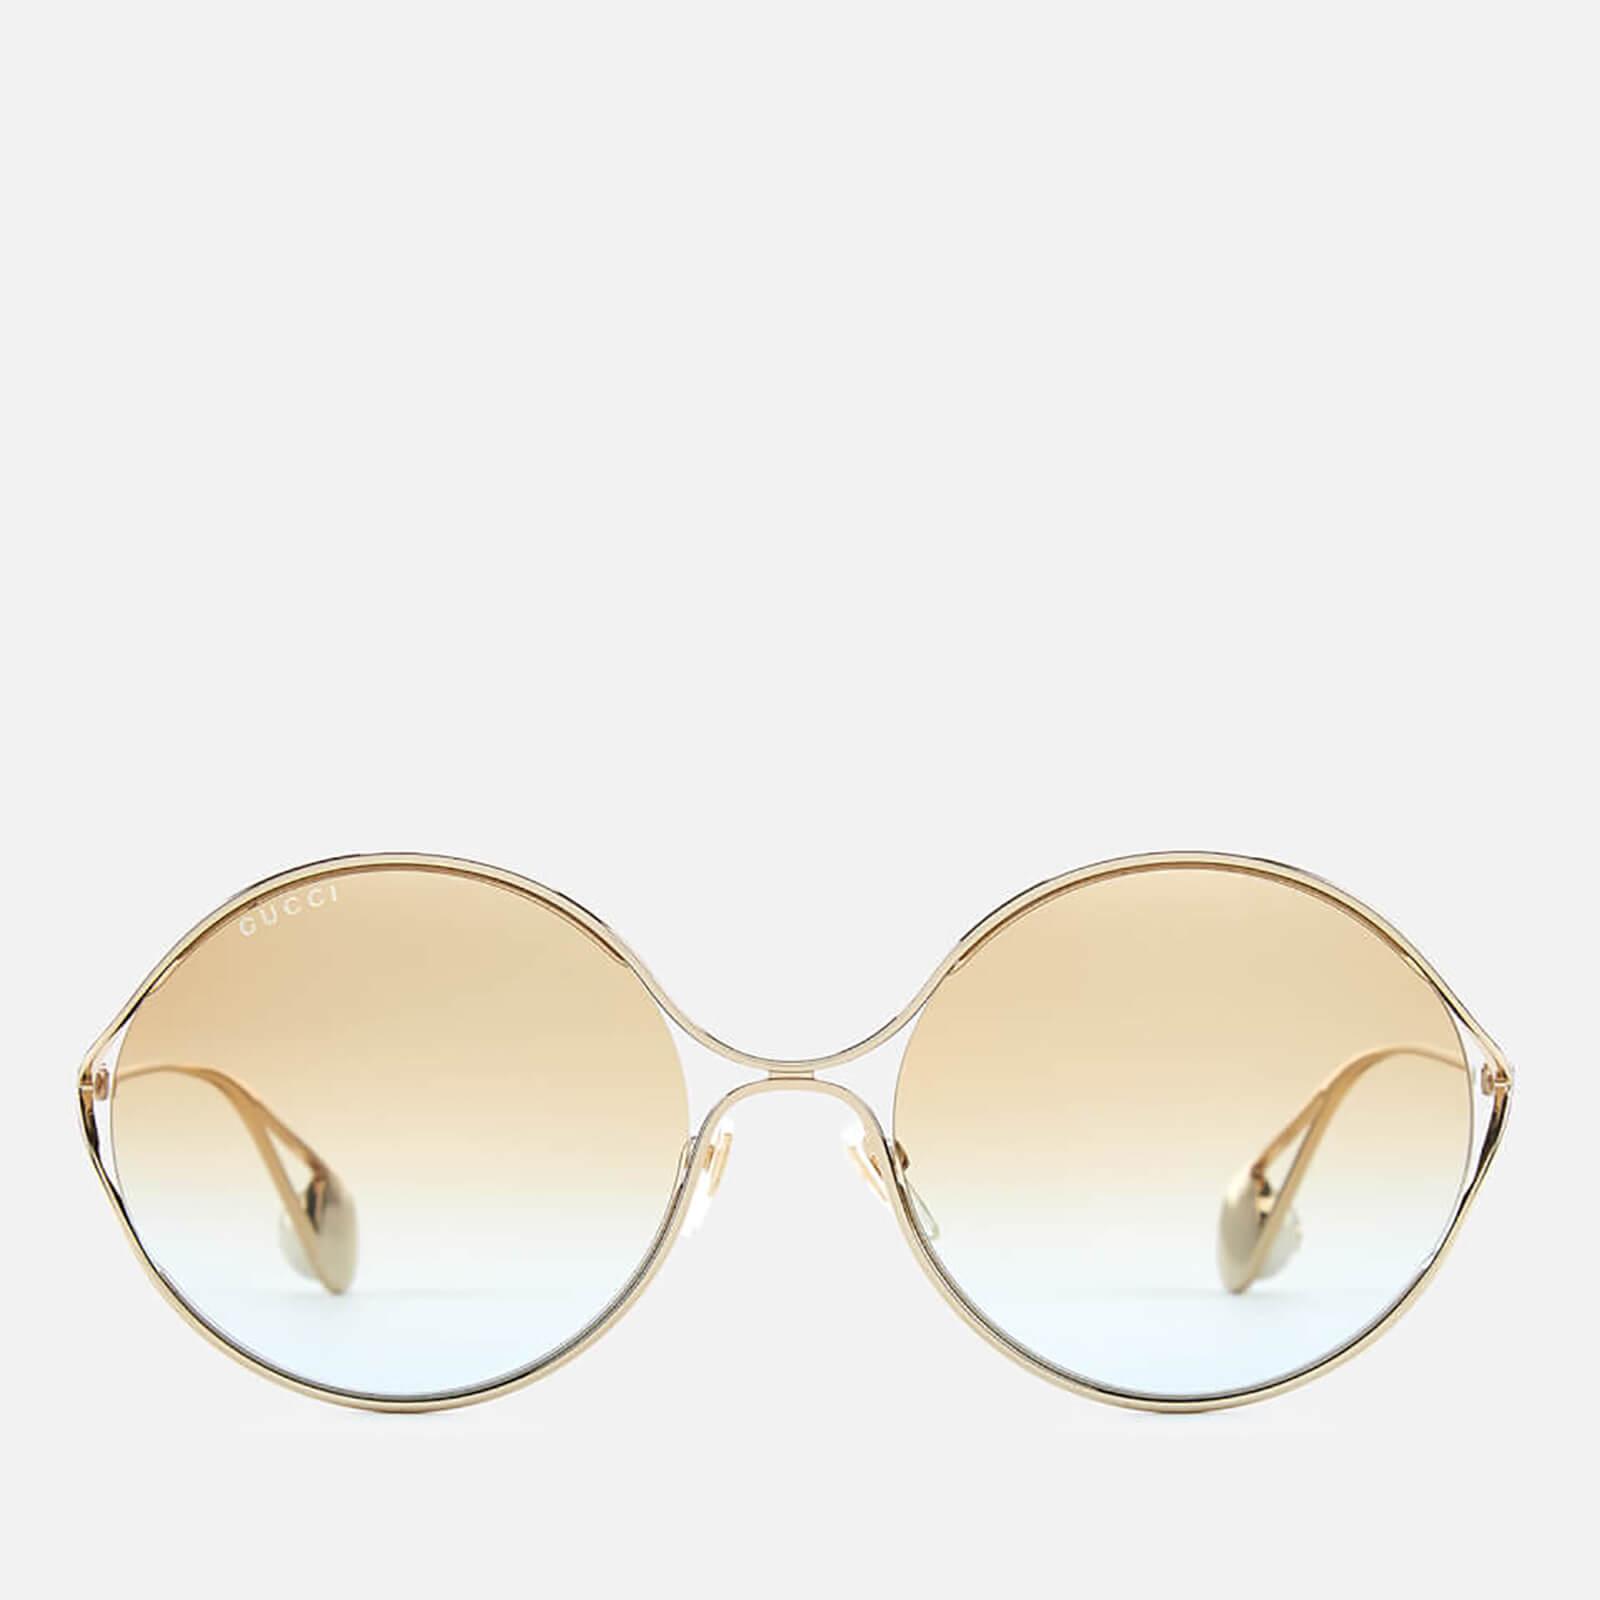 6975f1f38e1 Gucci Women s Round Frame Sunglasses - Gold Multicolour - Free UK Delivery  over £50